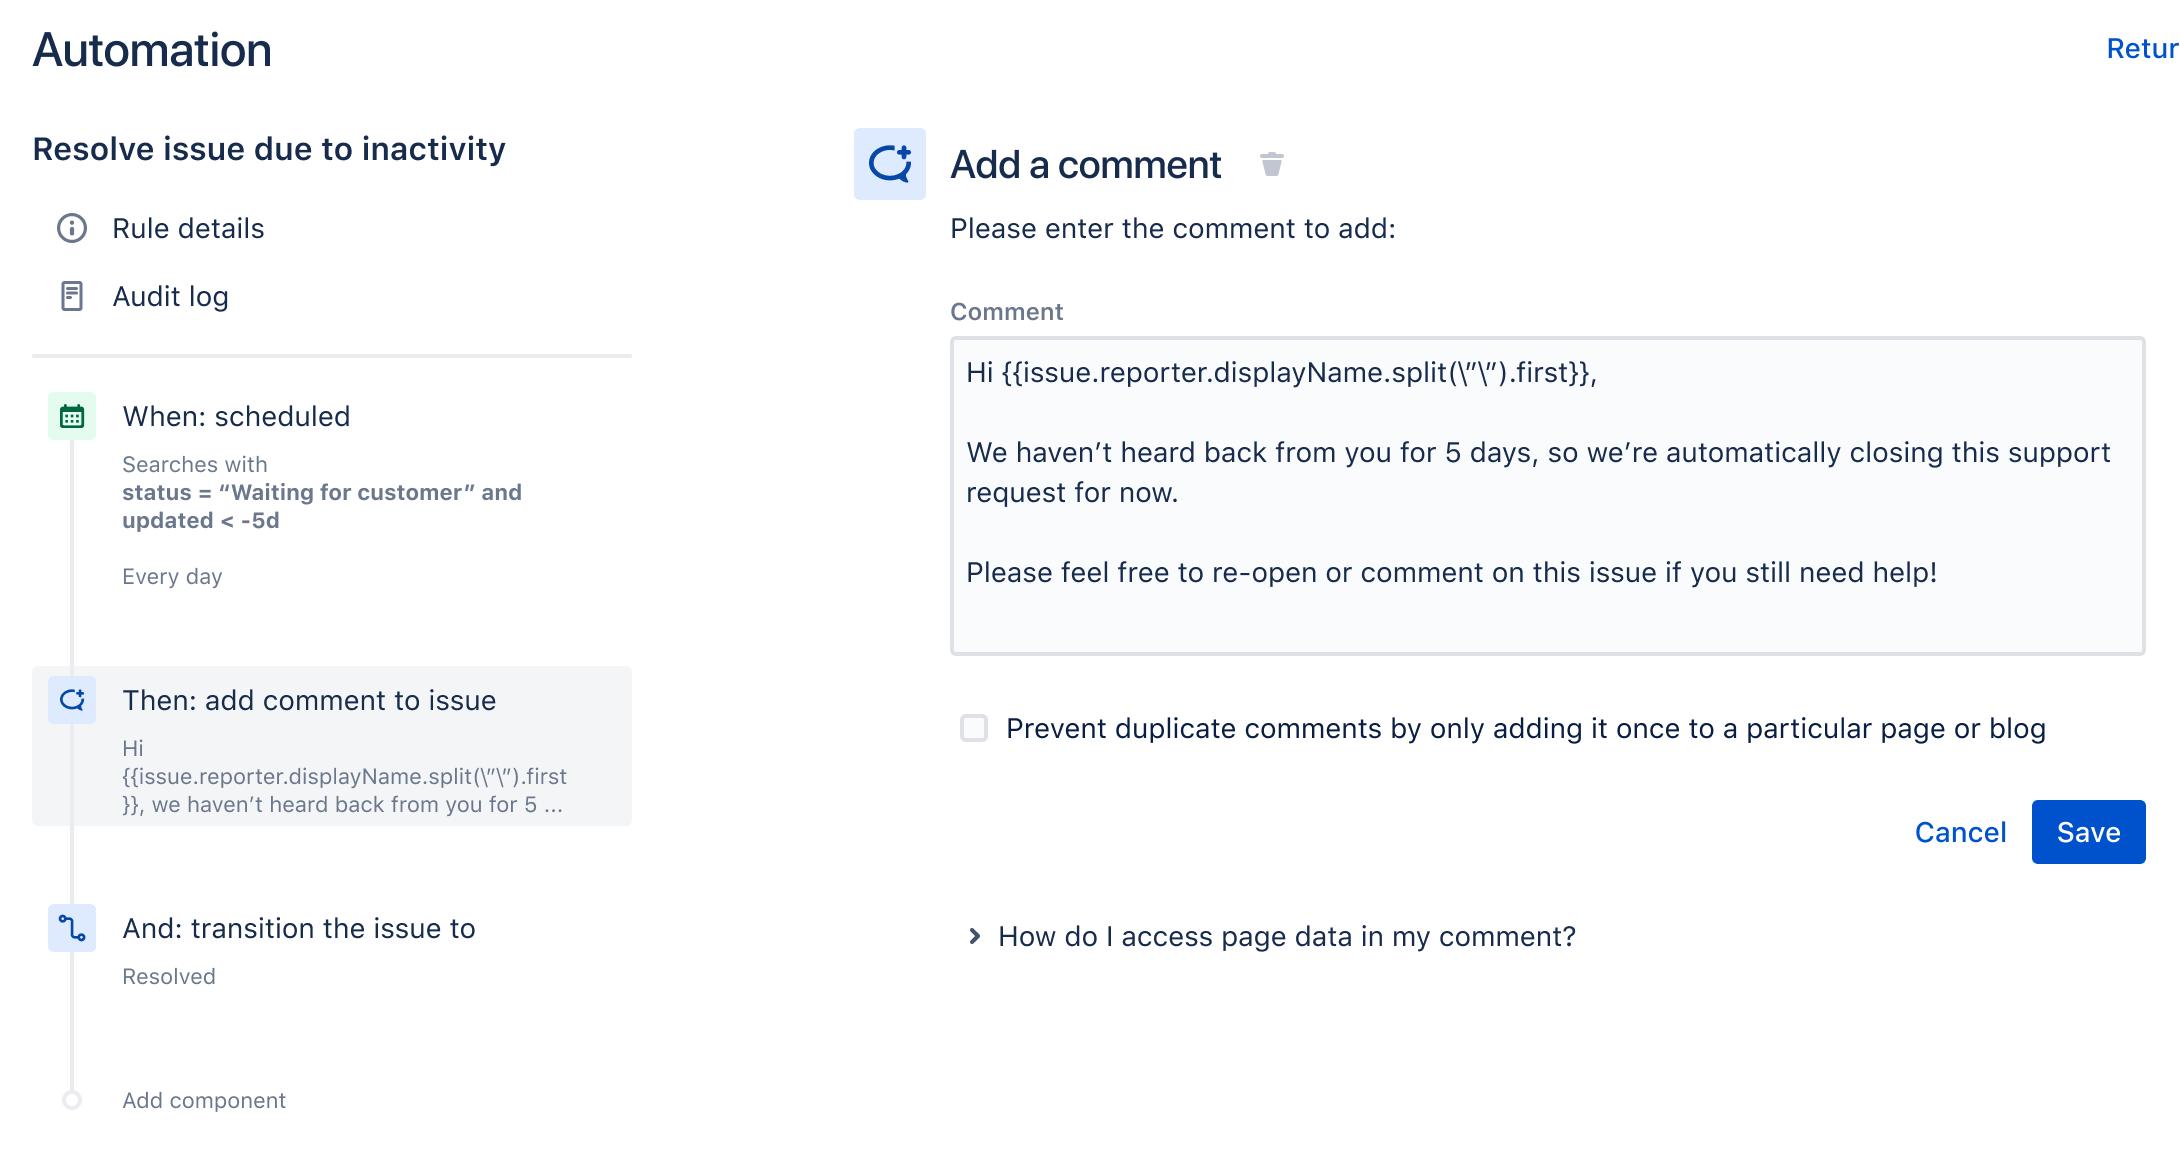 Un esempio del generatore di regole che mostra una regola per inviare automaticamente un promemoria ai clienti relativo ai ticket temporaneamente chiusi.